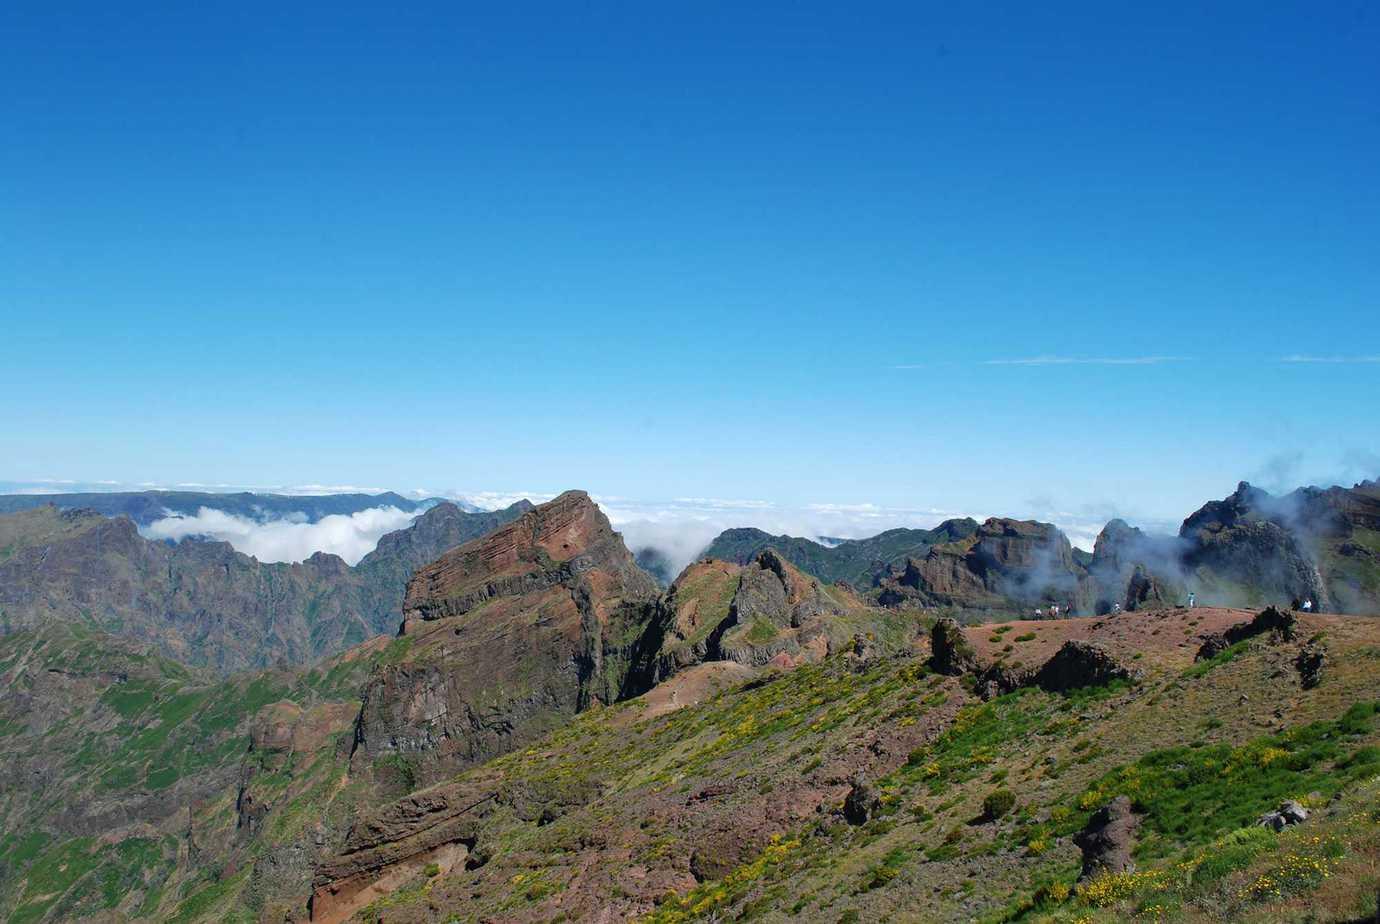 Pico de Areiros